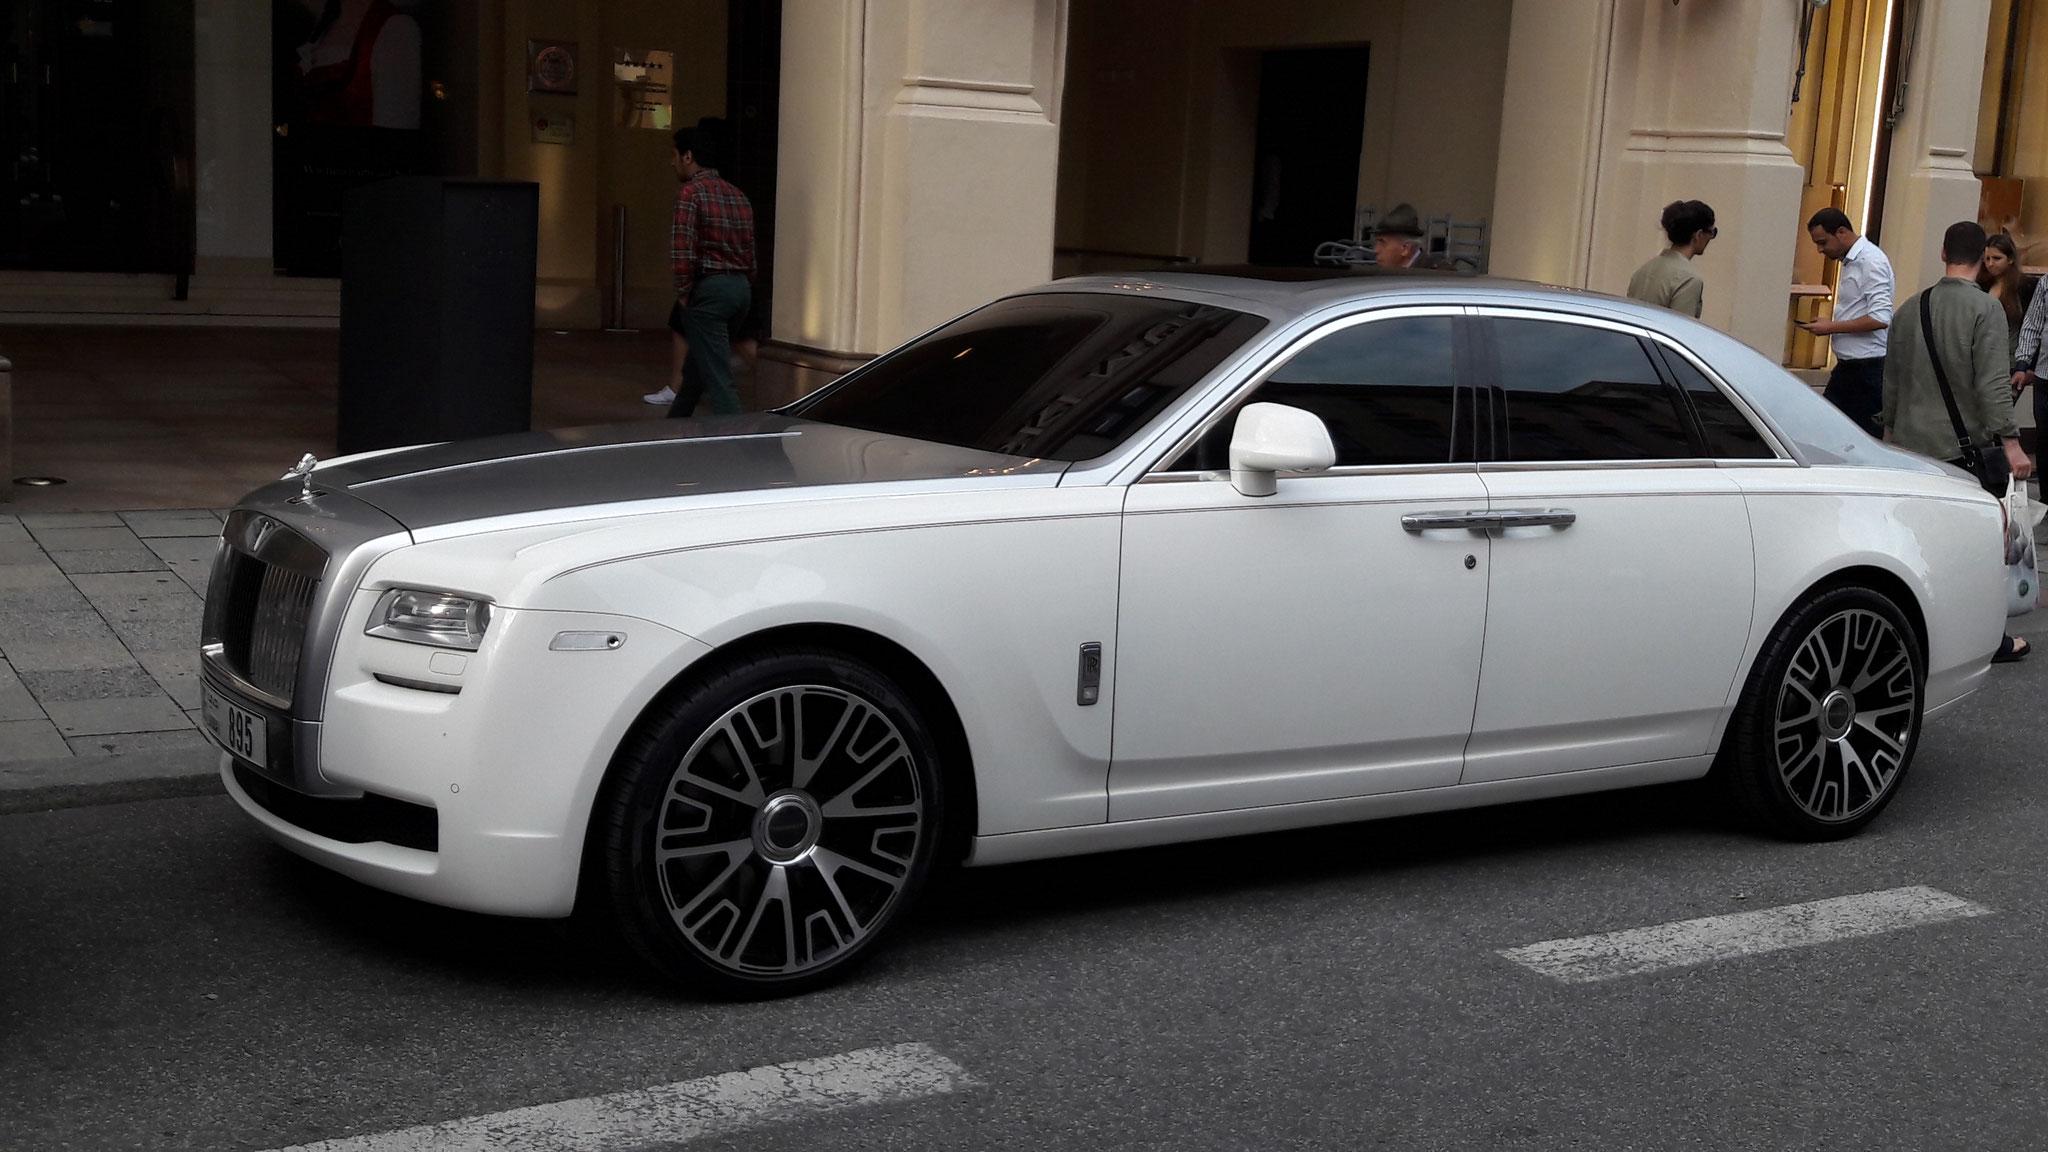 Rolls Royce Ghost - E-895 (UAE)